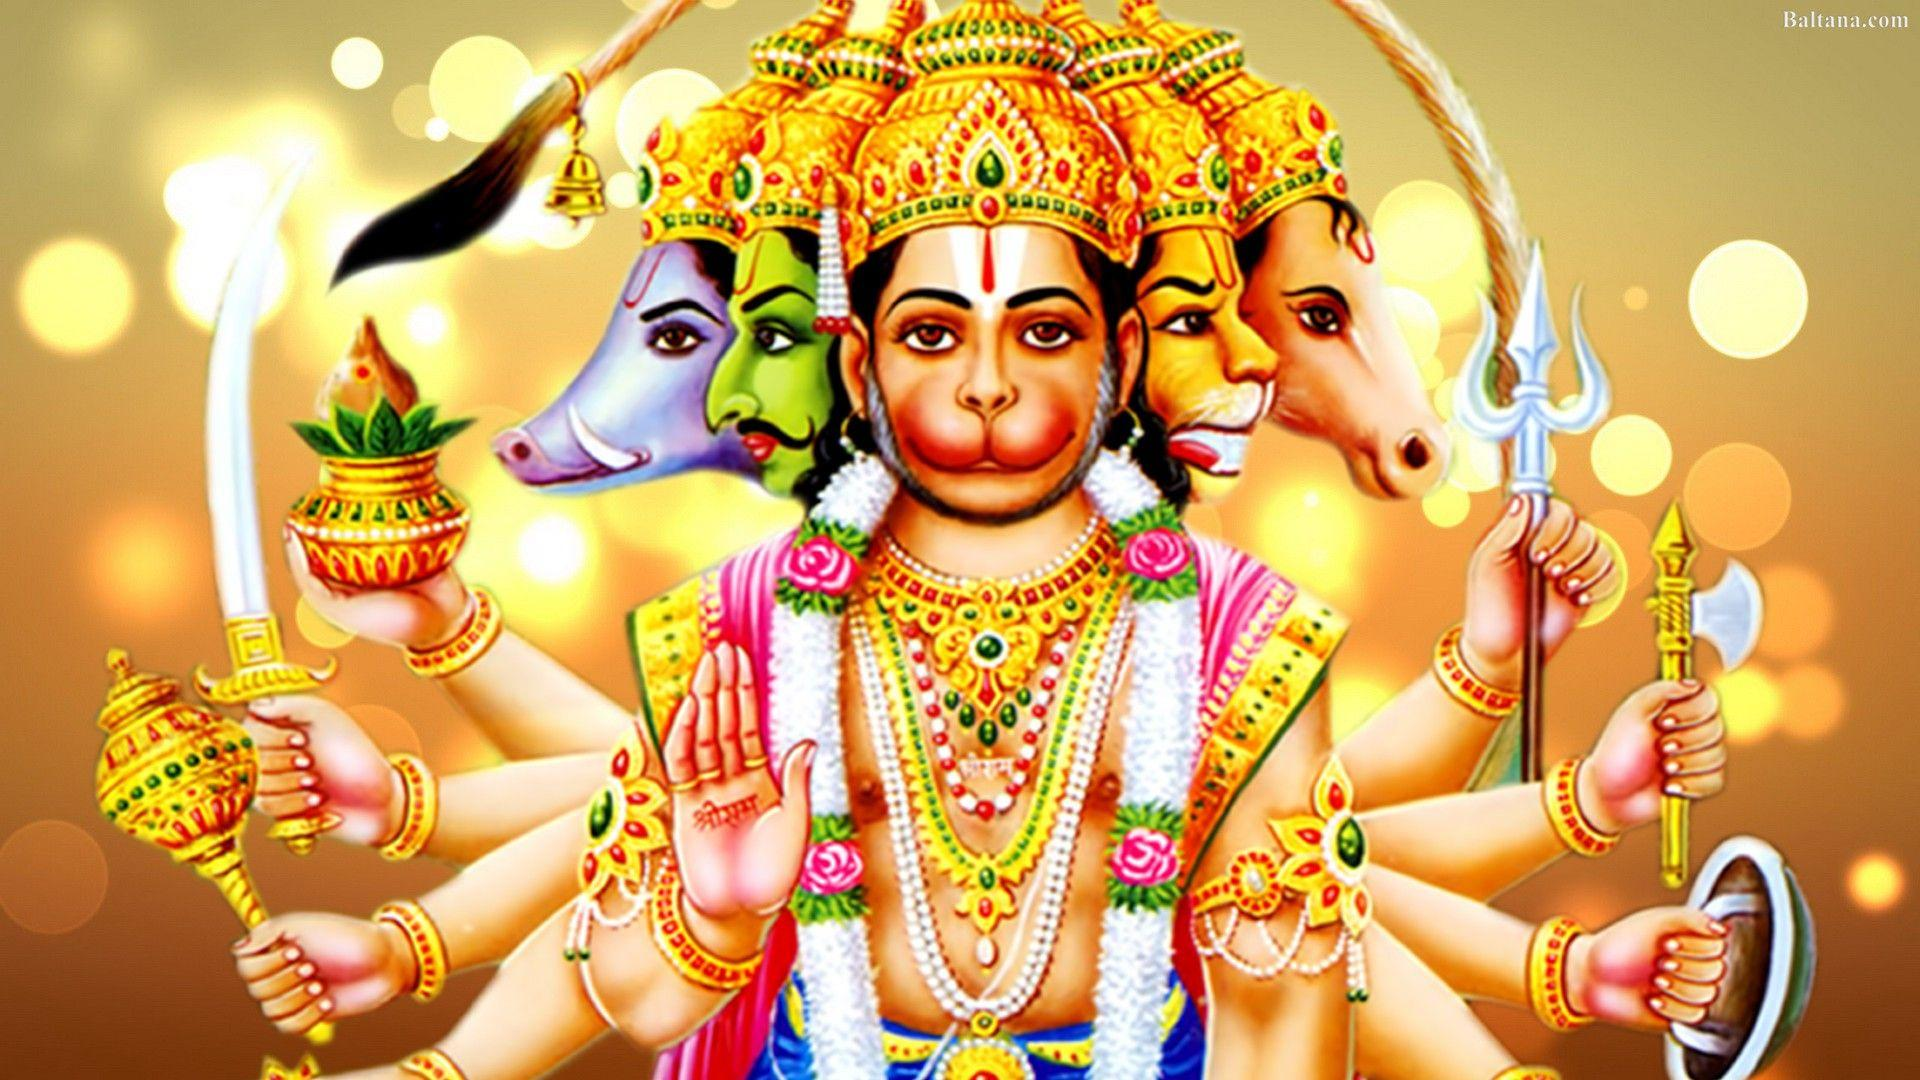 Hanuman HD Wallpapers - Wallpaper Cave